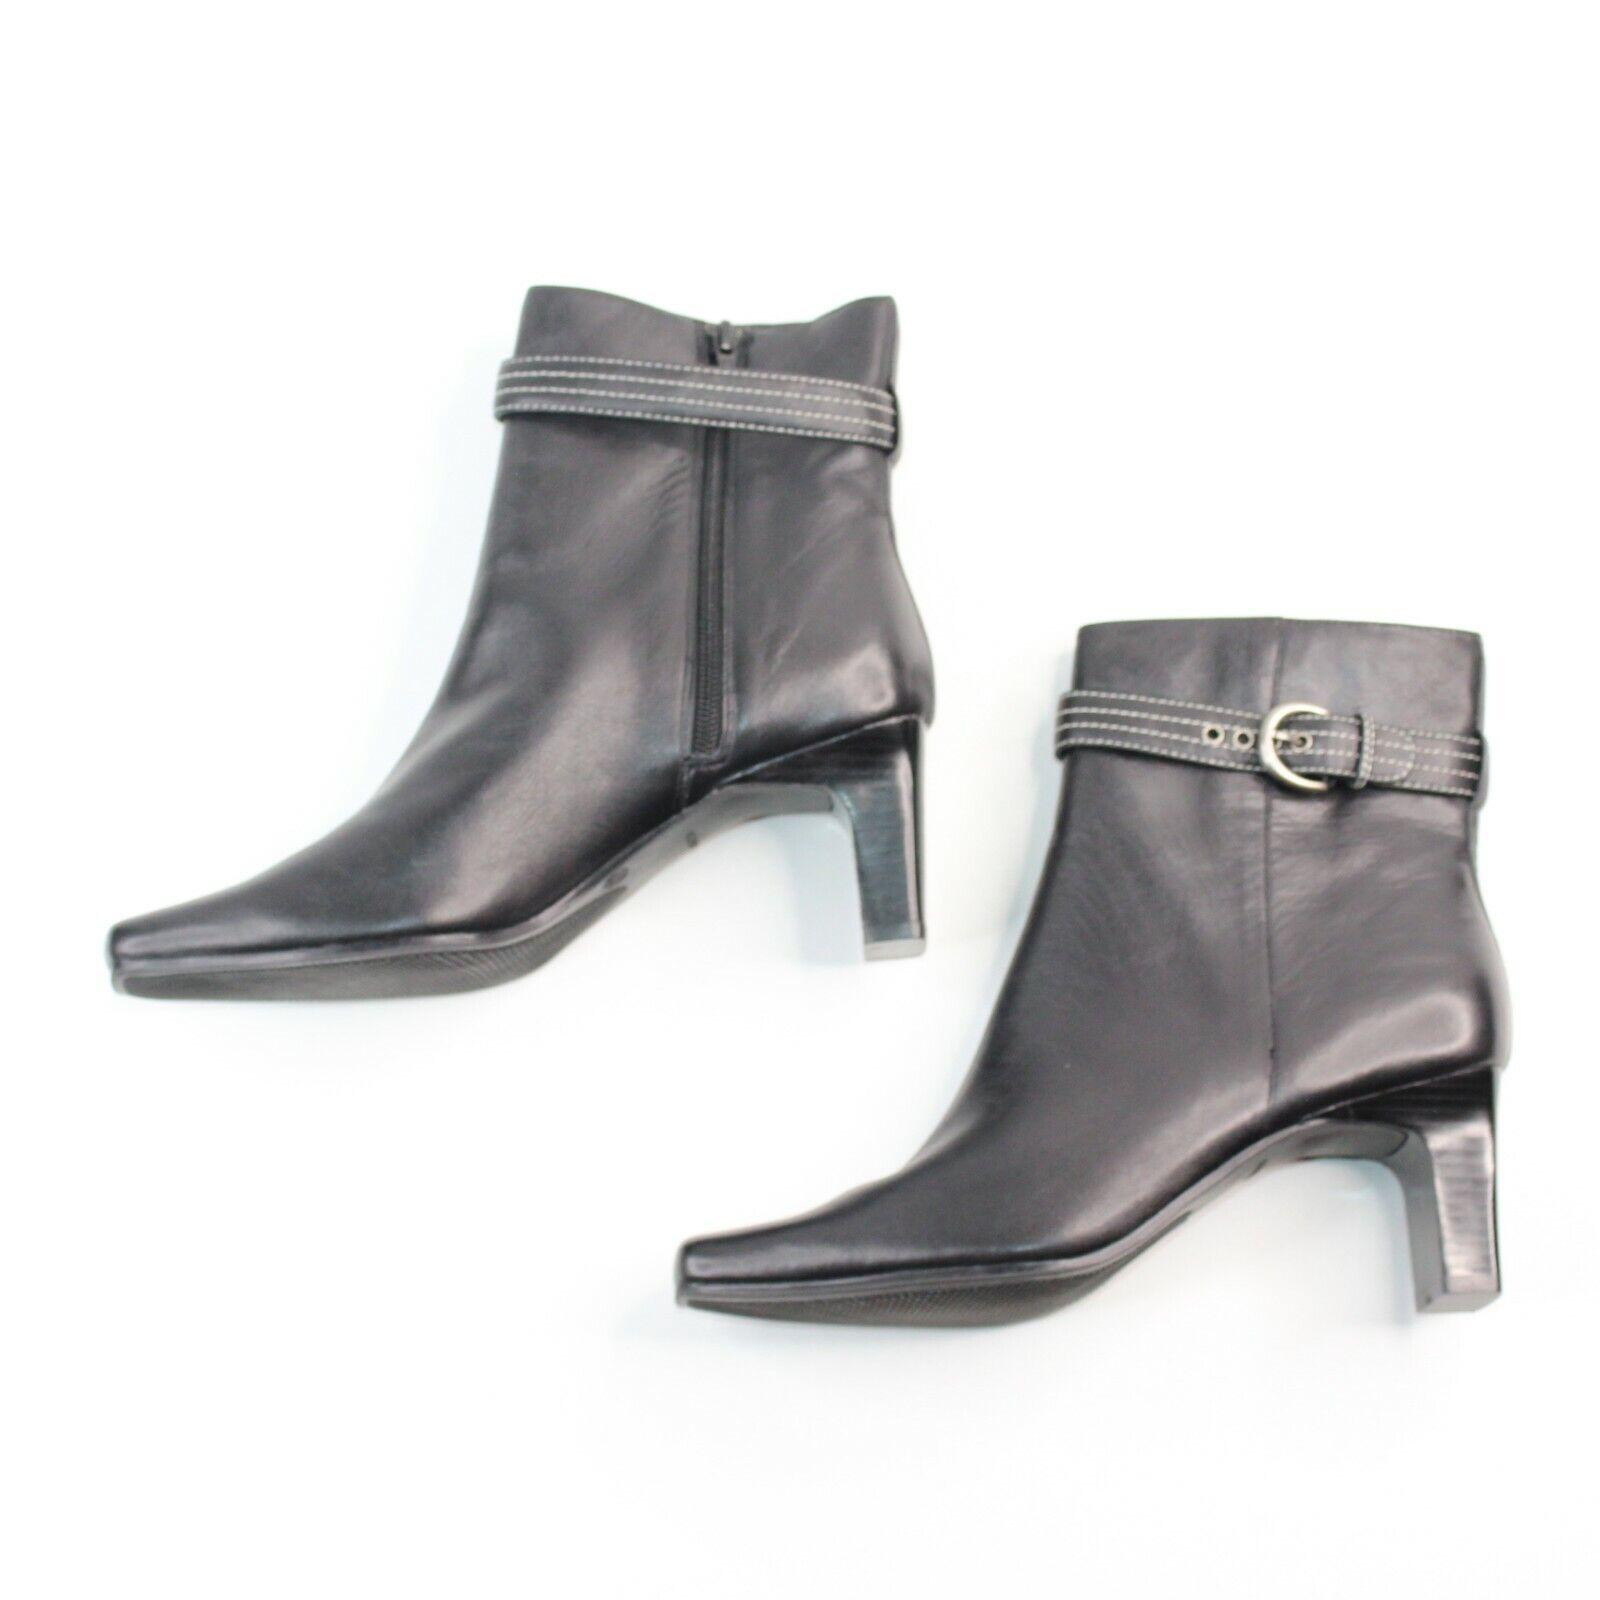 Markon mujer SZ 9.5M Negro Cuero Tacón De Bloque De Alta Moda botas al tobillo Botines